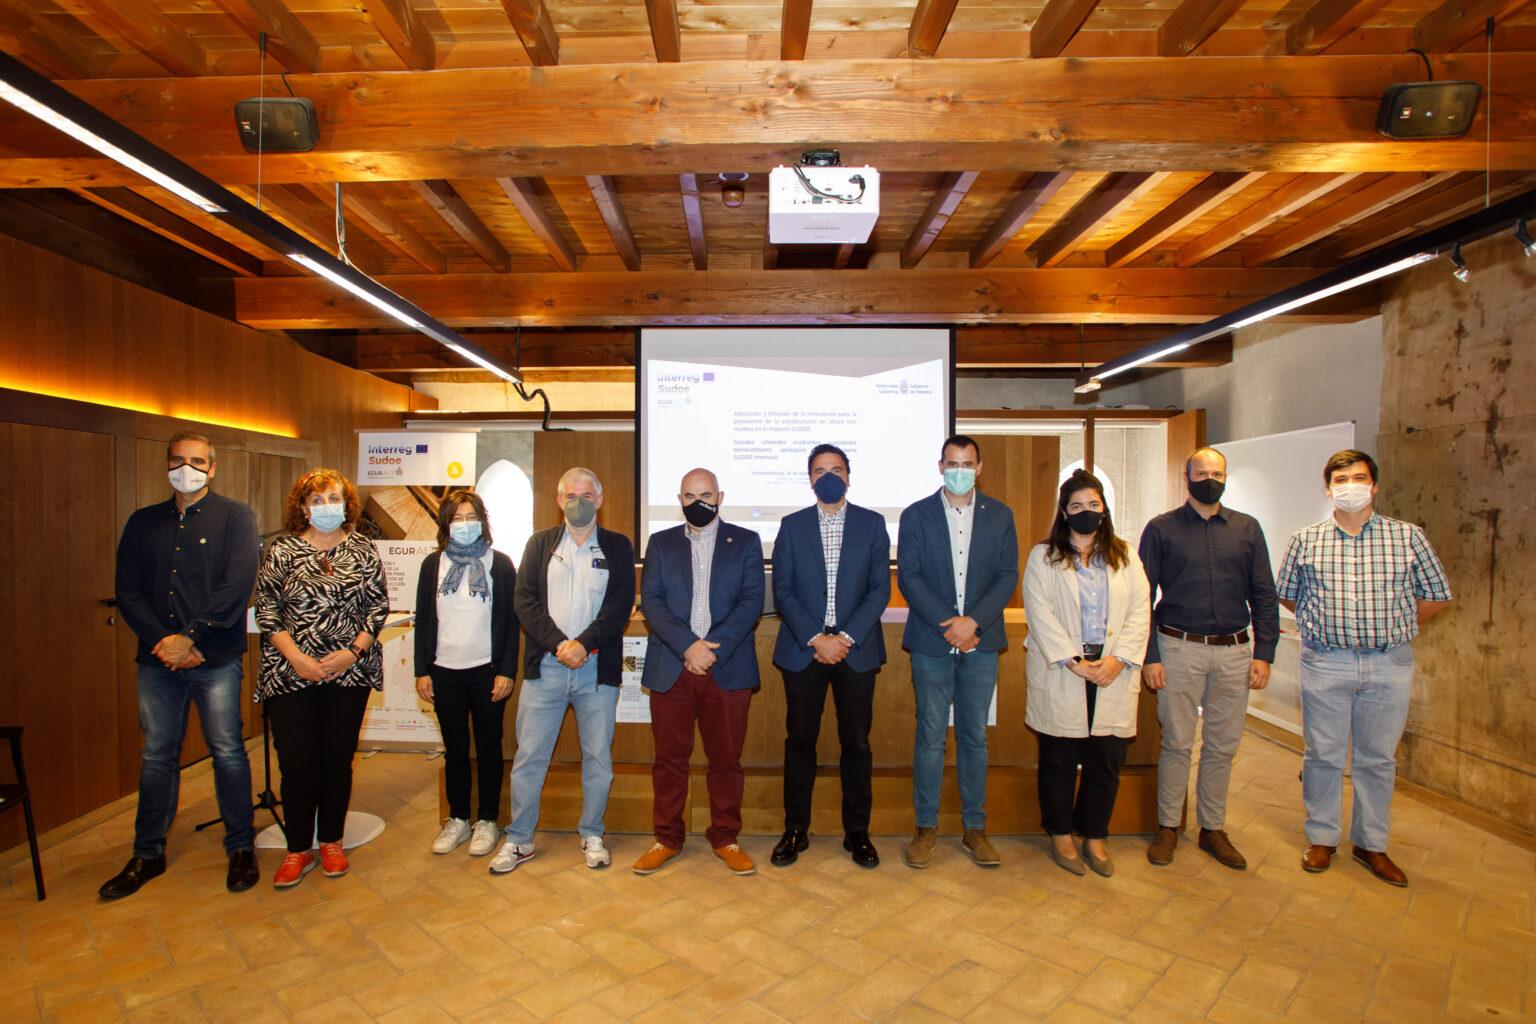 ADEMAN en la presentación oficial en Pamplona del Proyecto europeo EGURALT